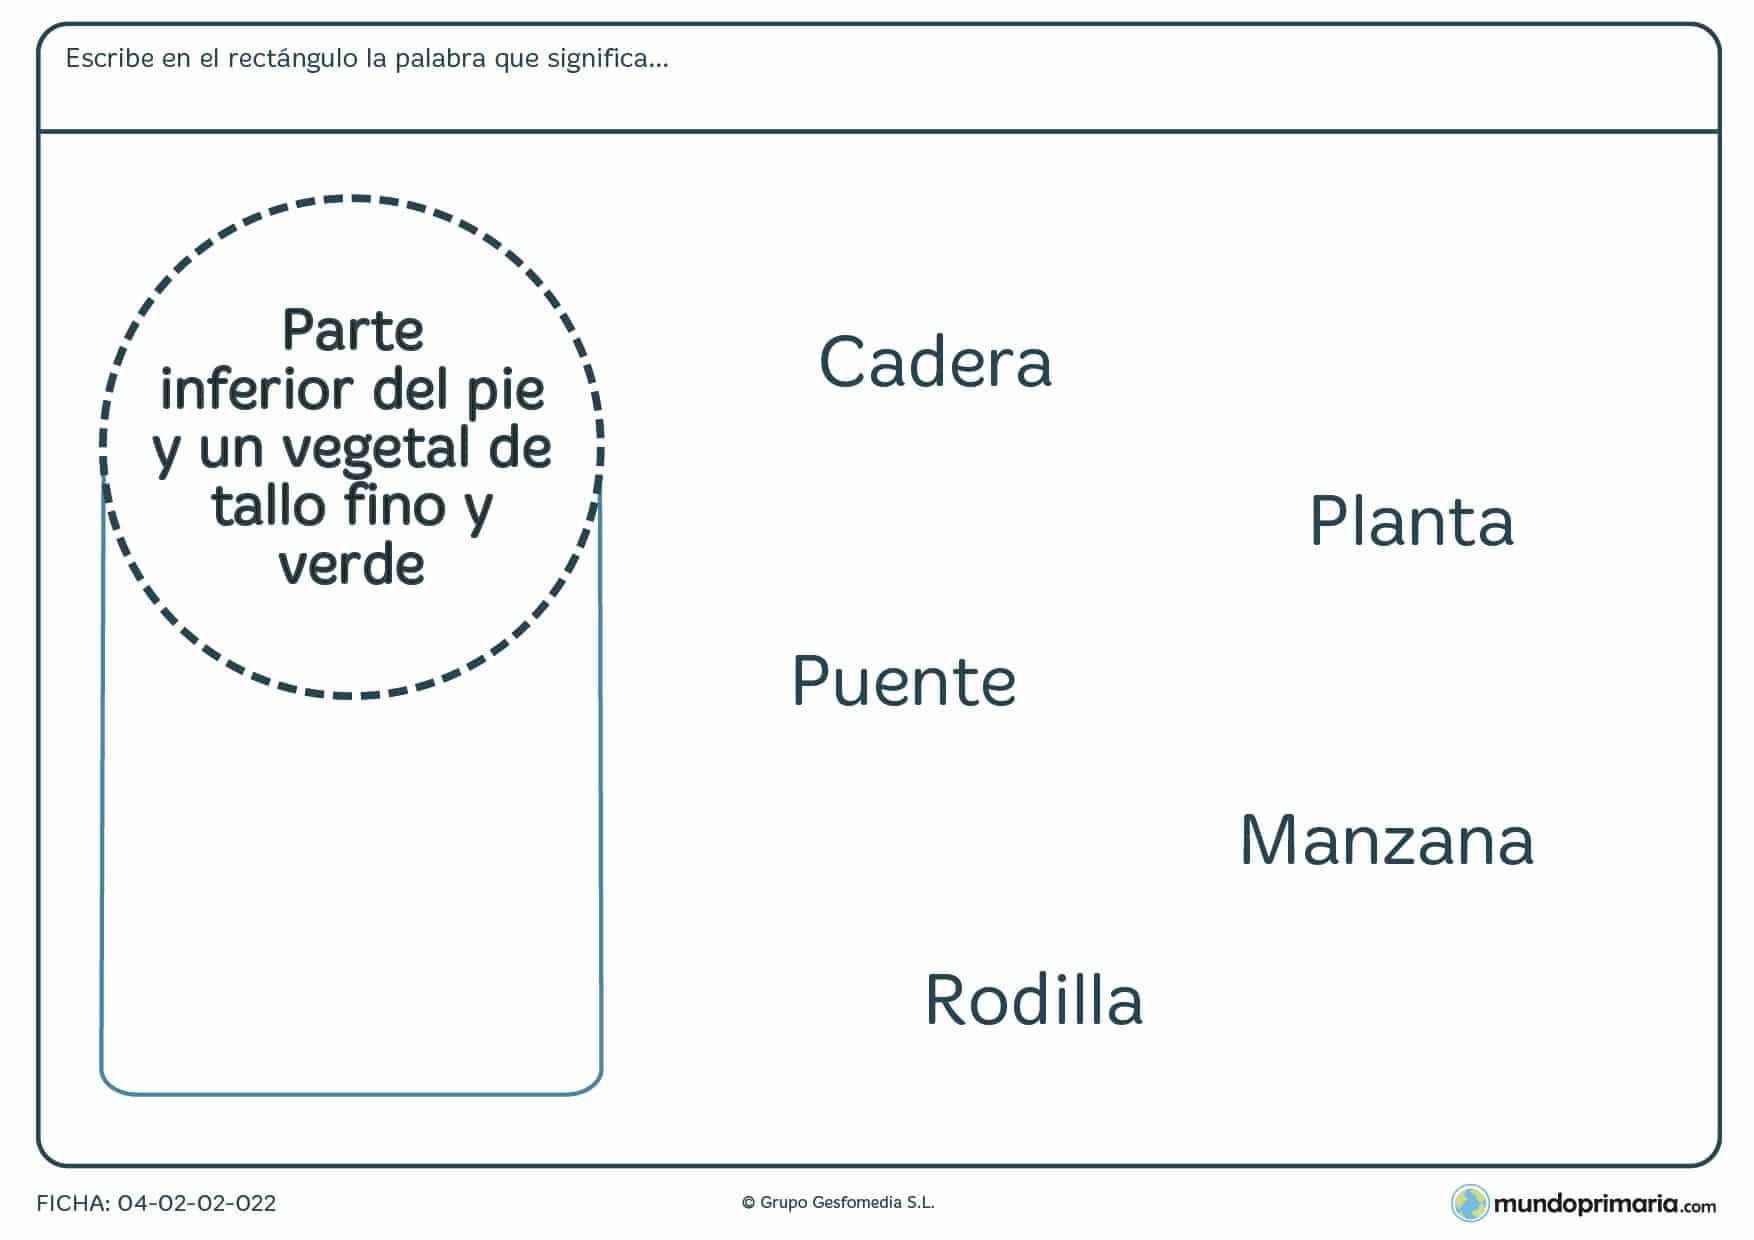 Ficha de niños de primaria de relacionar una palabra con su significado en la que tendrás que relacionar alguna de las palabras dadas con la descripción que aparece en el círculo.